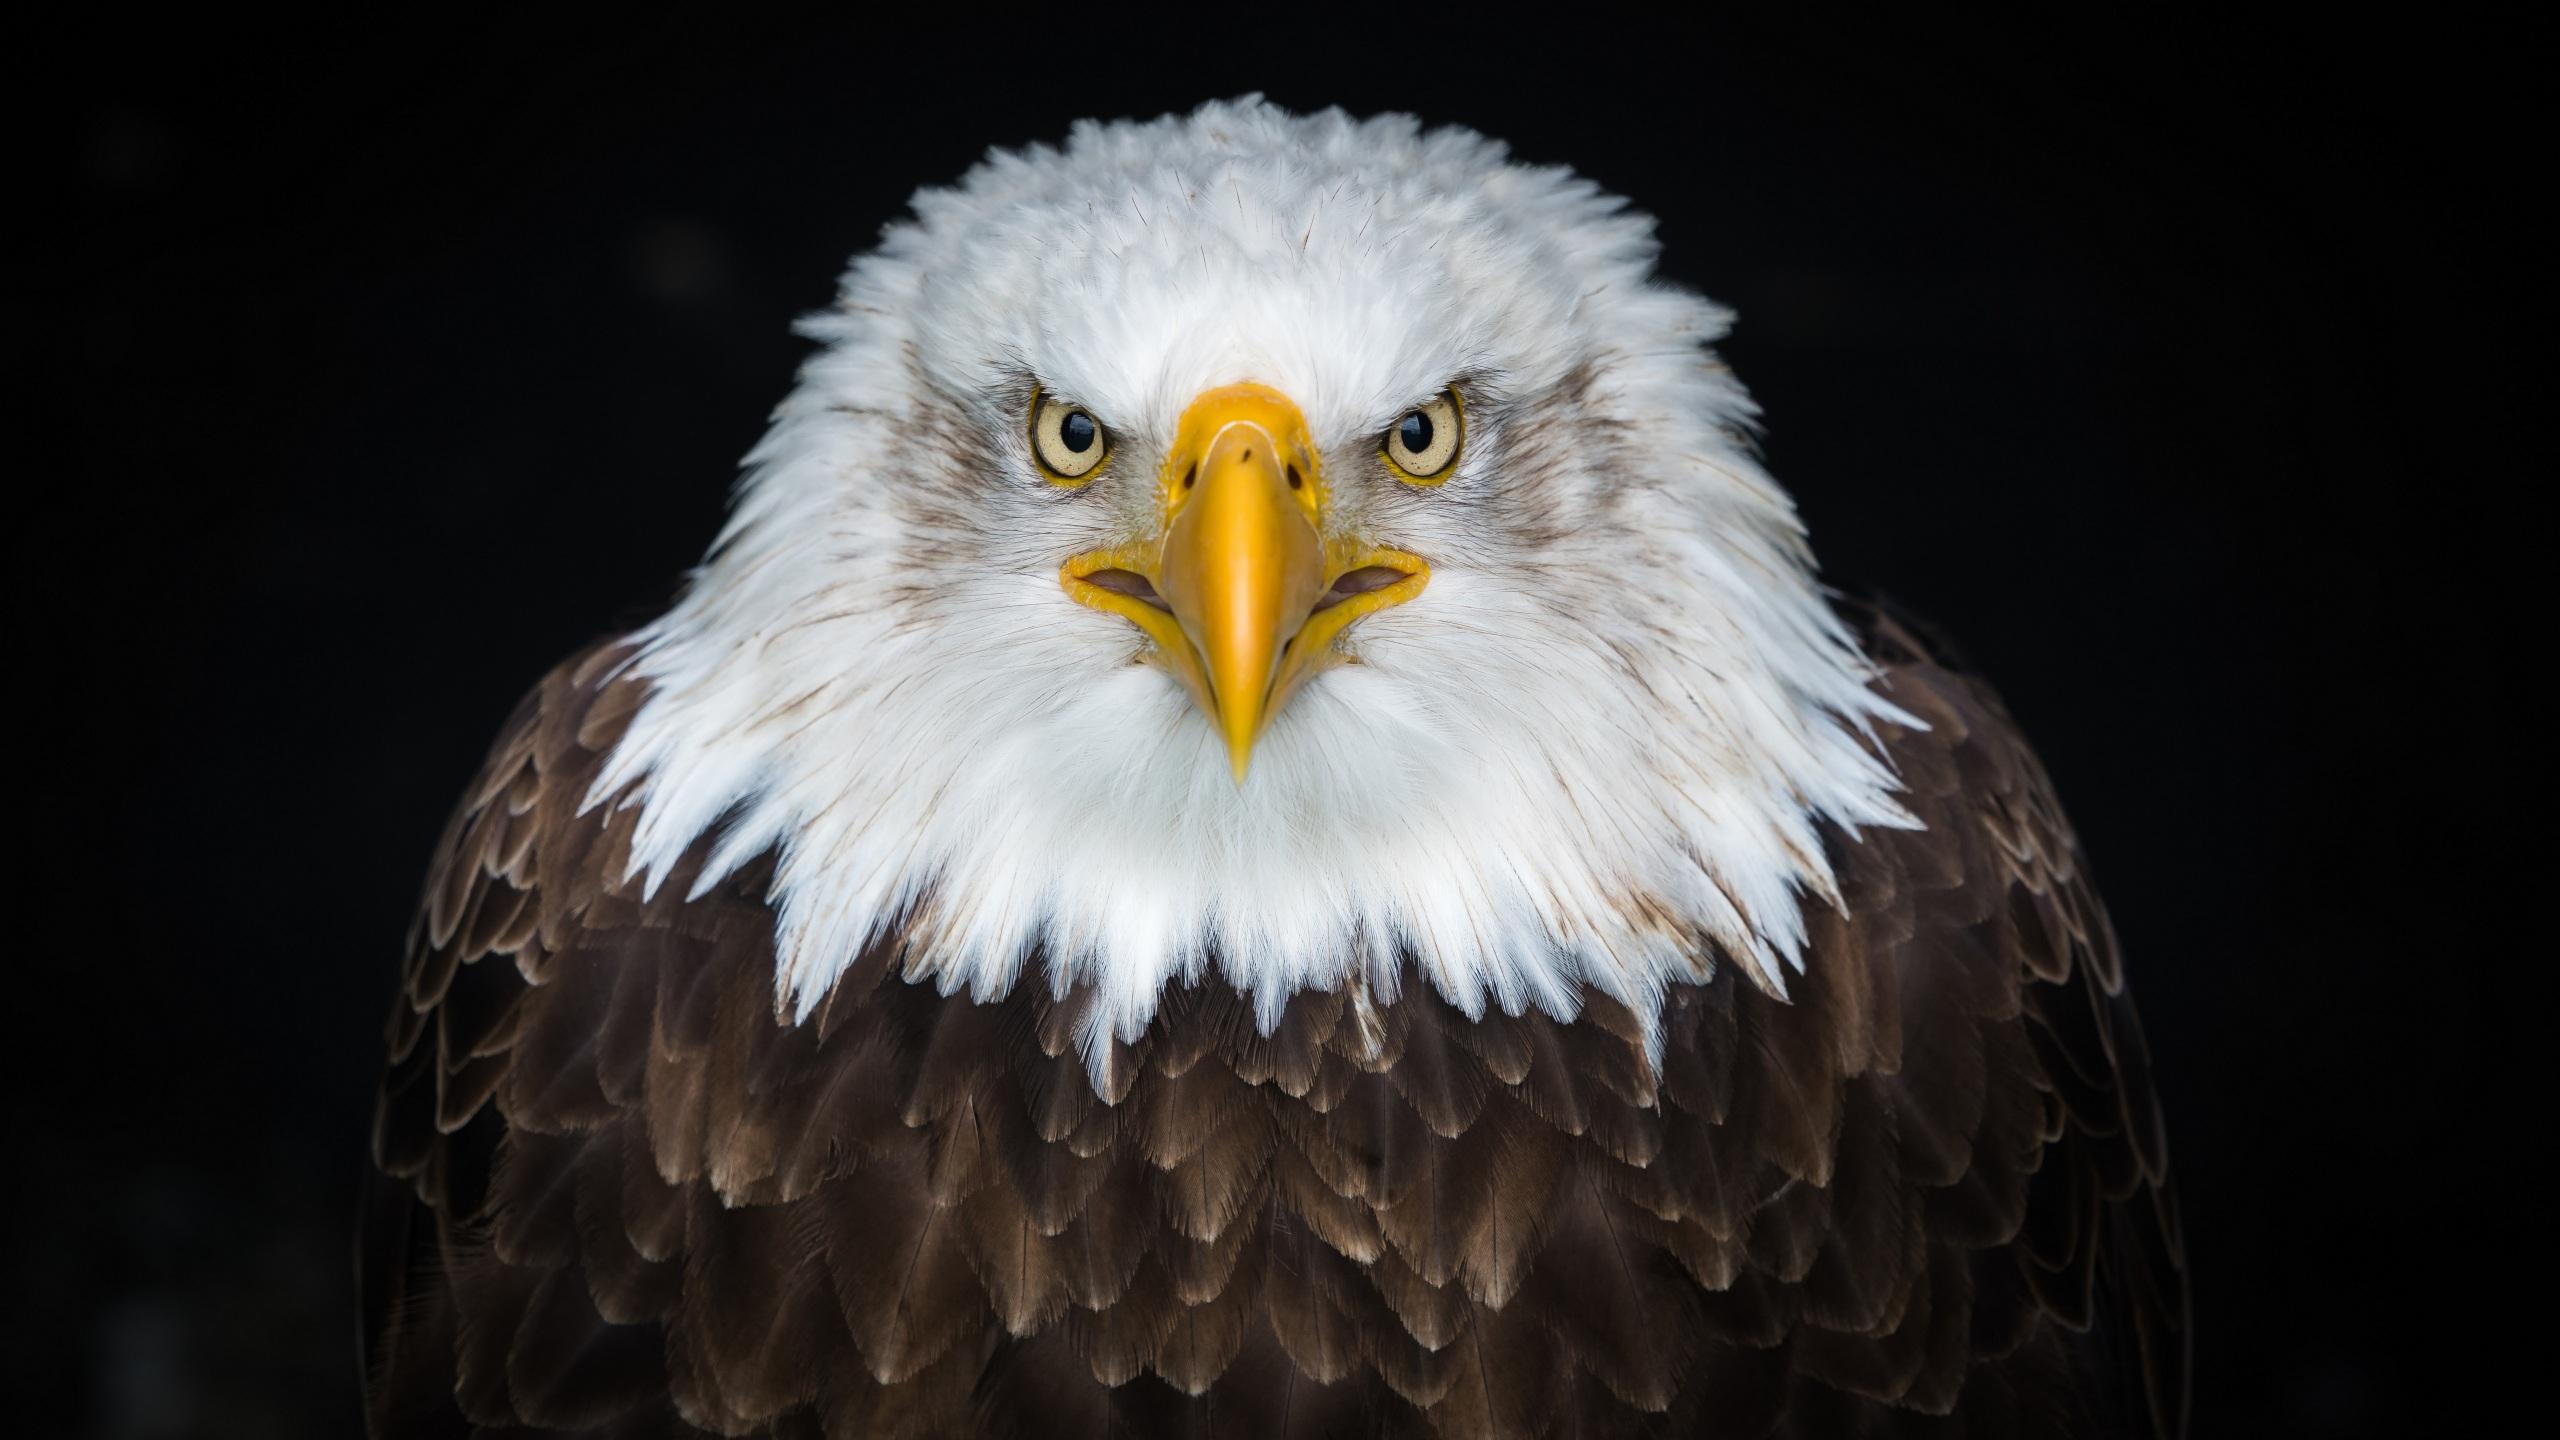 Обои для рабочего стола орел Недовольство Клюв смотрят животное на черном фоне 2560x1440 Орлы Хмурость Взгляд смотрит Животные Черный фон